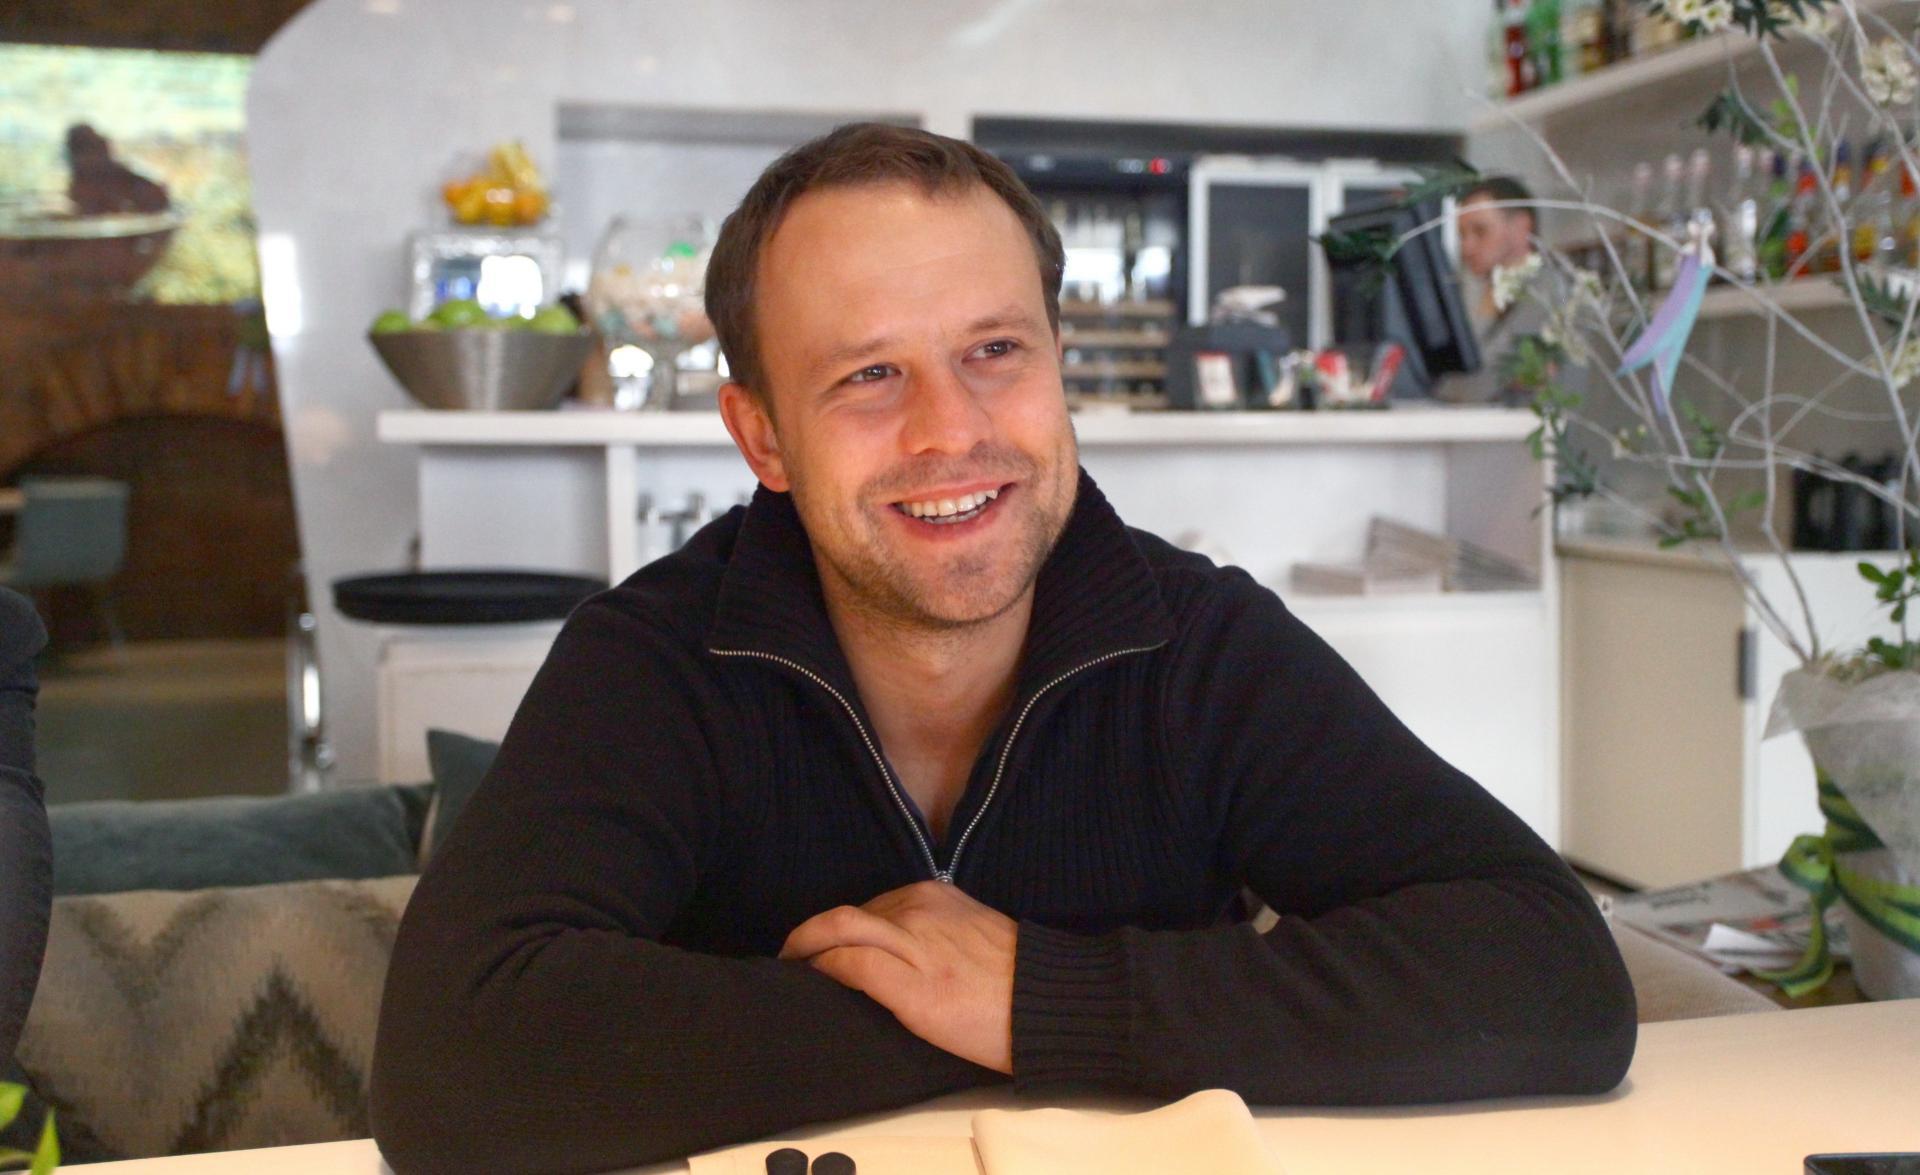 Инстаграм и Википедия Кирилла Плетнёва фото